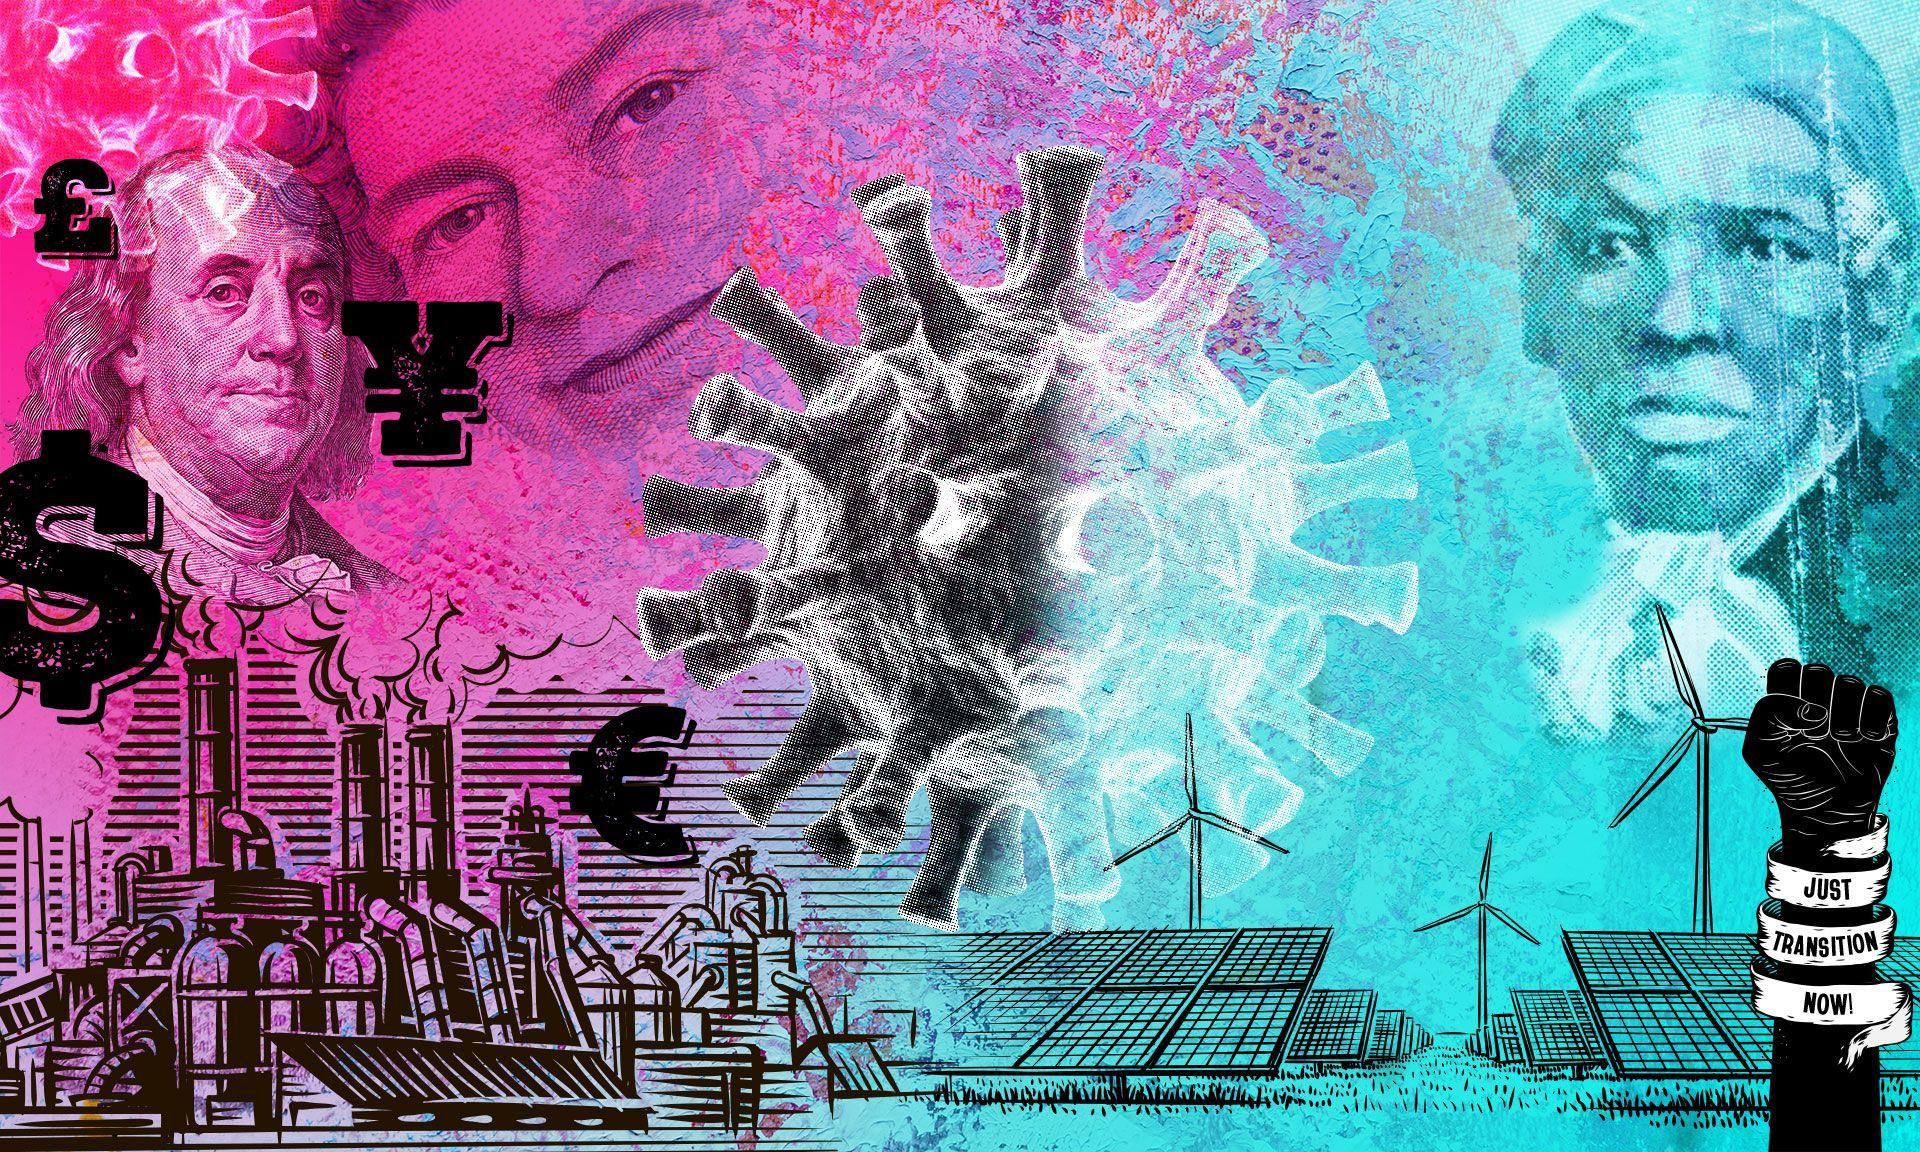 Nuevo informe con diez propuestas de cómo pagar la pandemia del Covid-19 y una transición justa